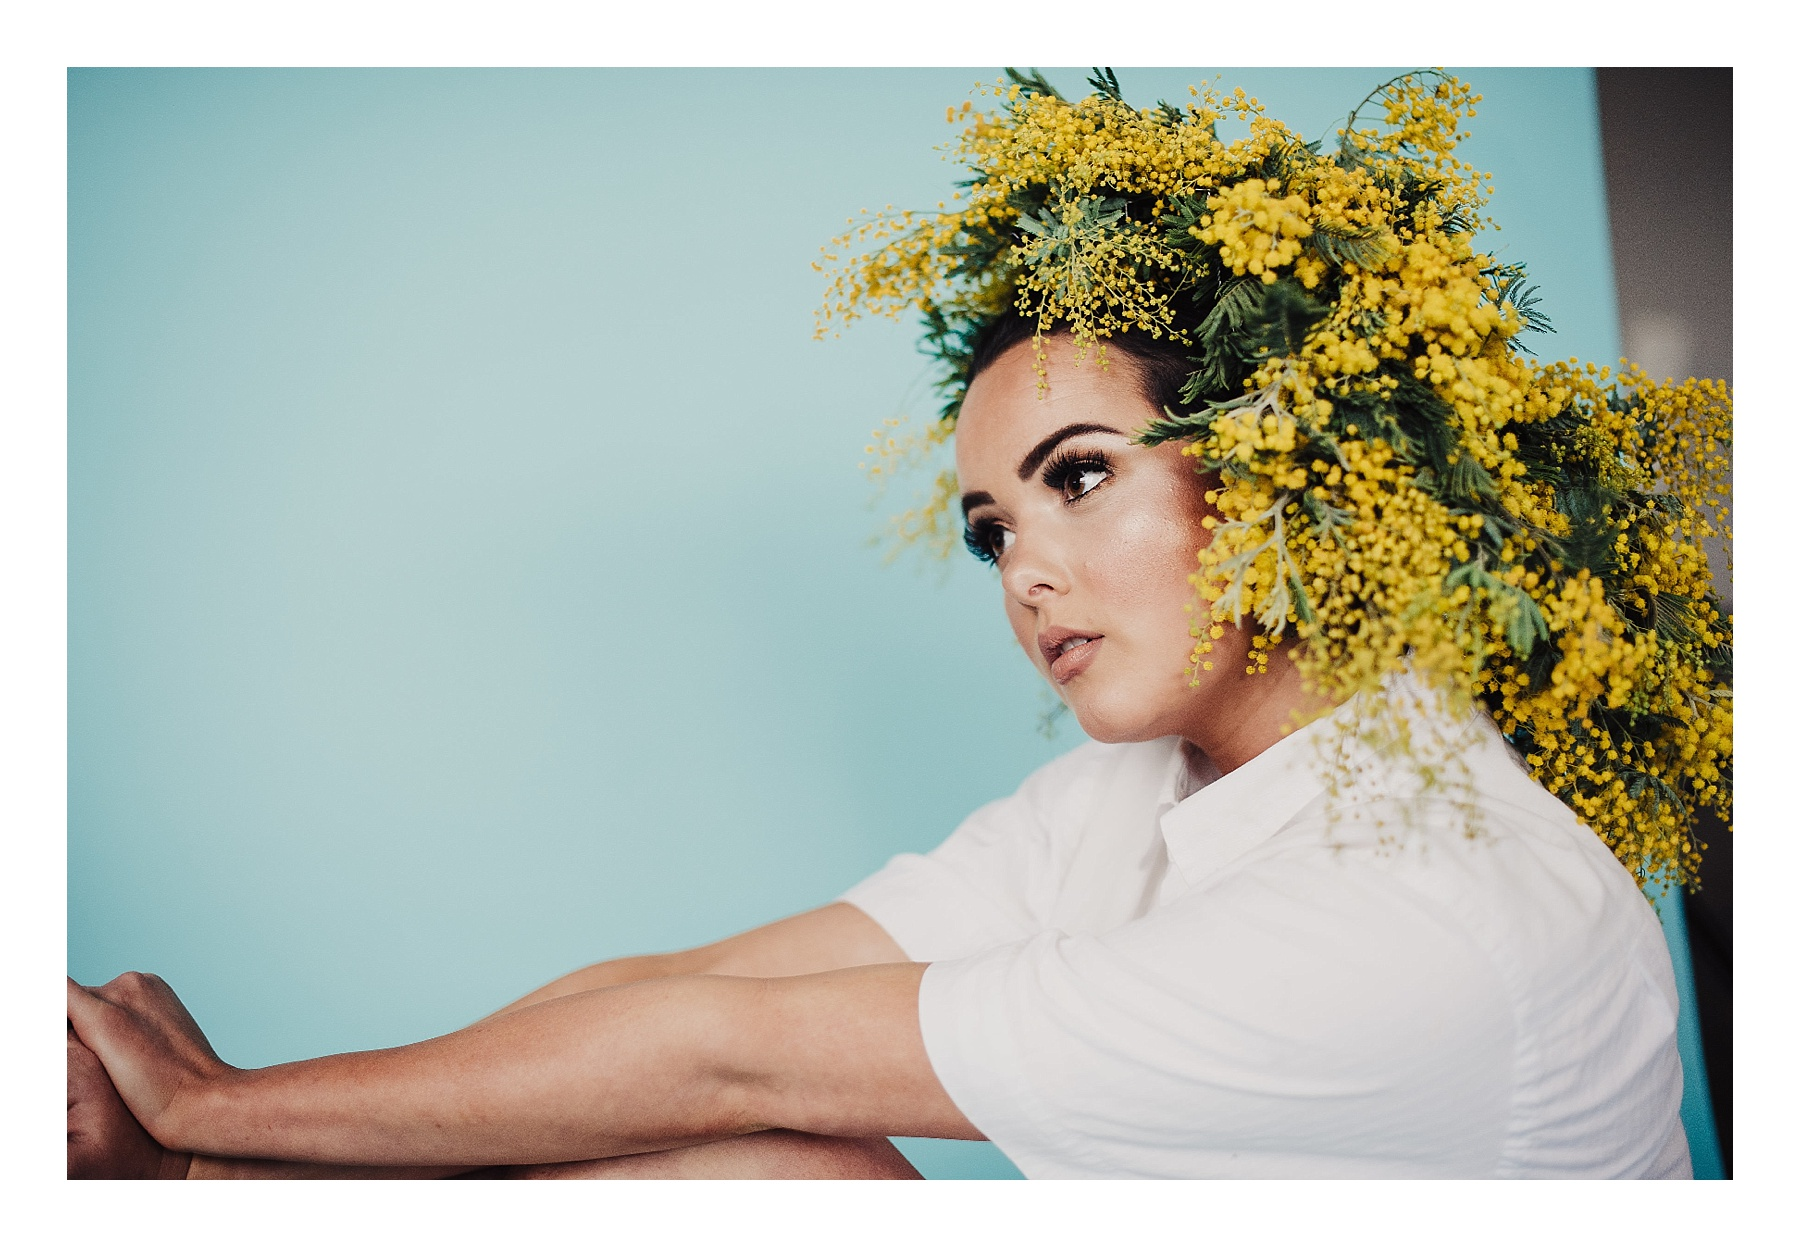 Creative-Headpeice-Florist_0735.jpg